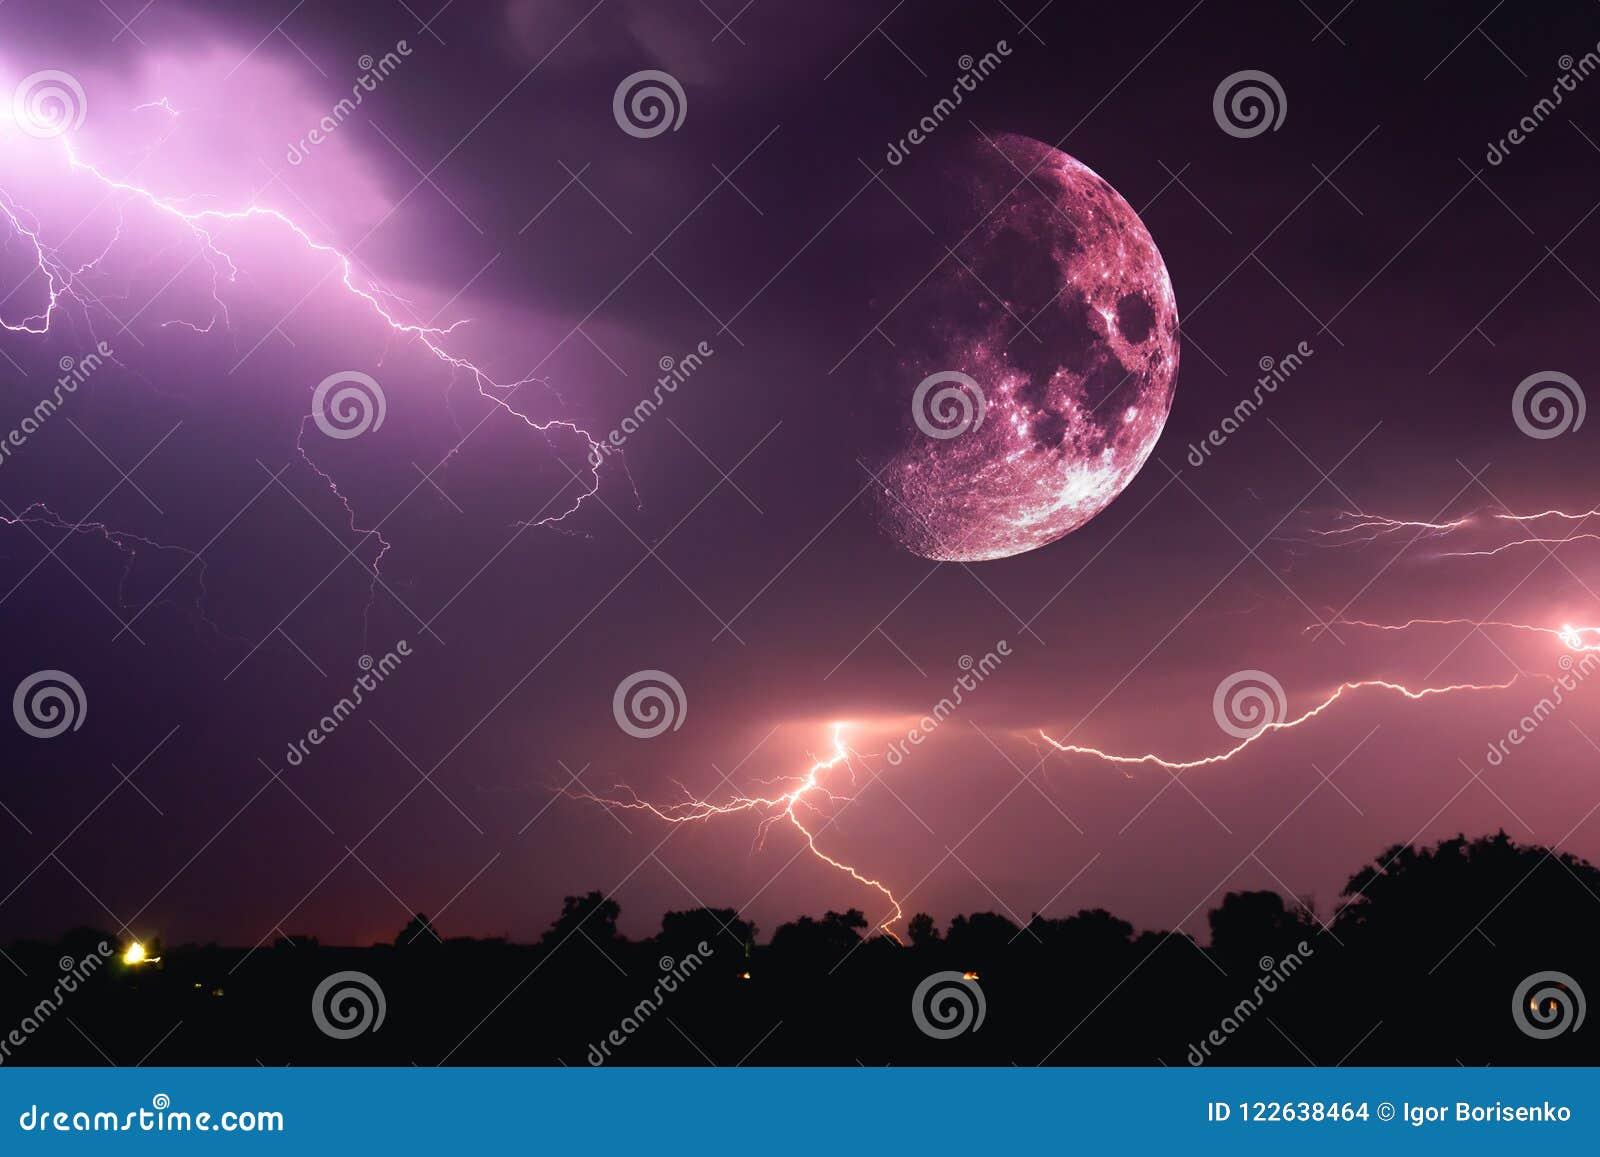 Νυχτερινός ουρανός αποκριών με τα σύννεφα και τις λάμψεις της αστραπής και μια κινηματογράφηση σε πρώτο πλάνο πανσελήνων ανάδυσης